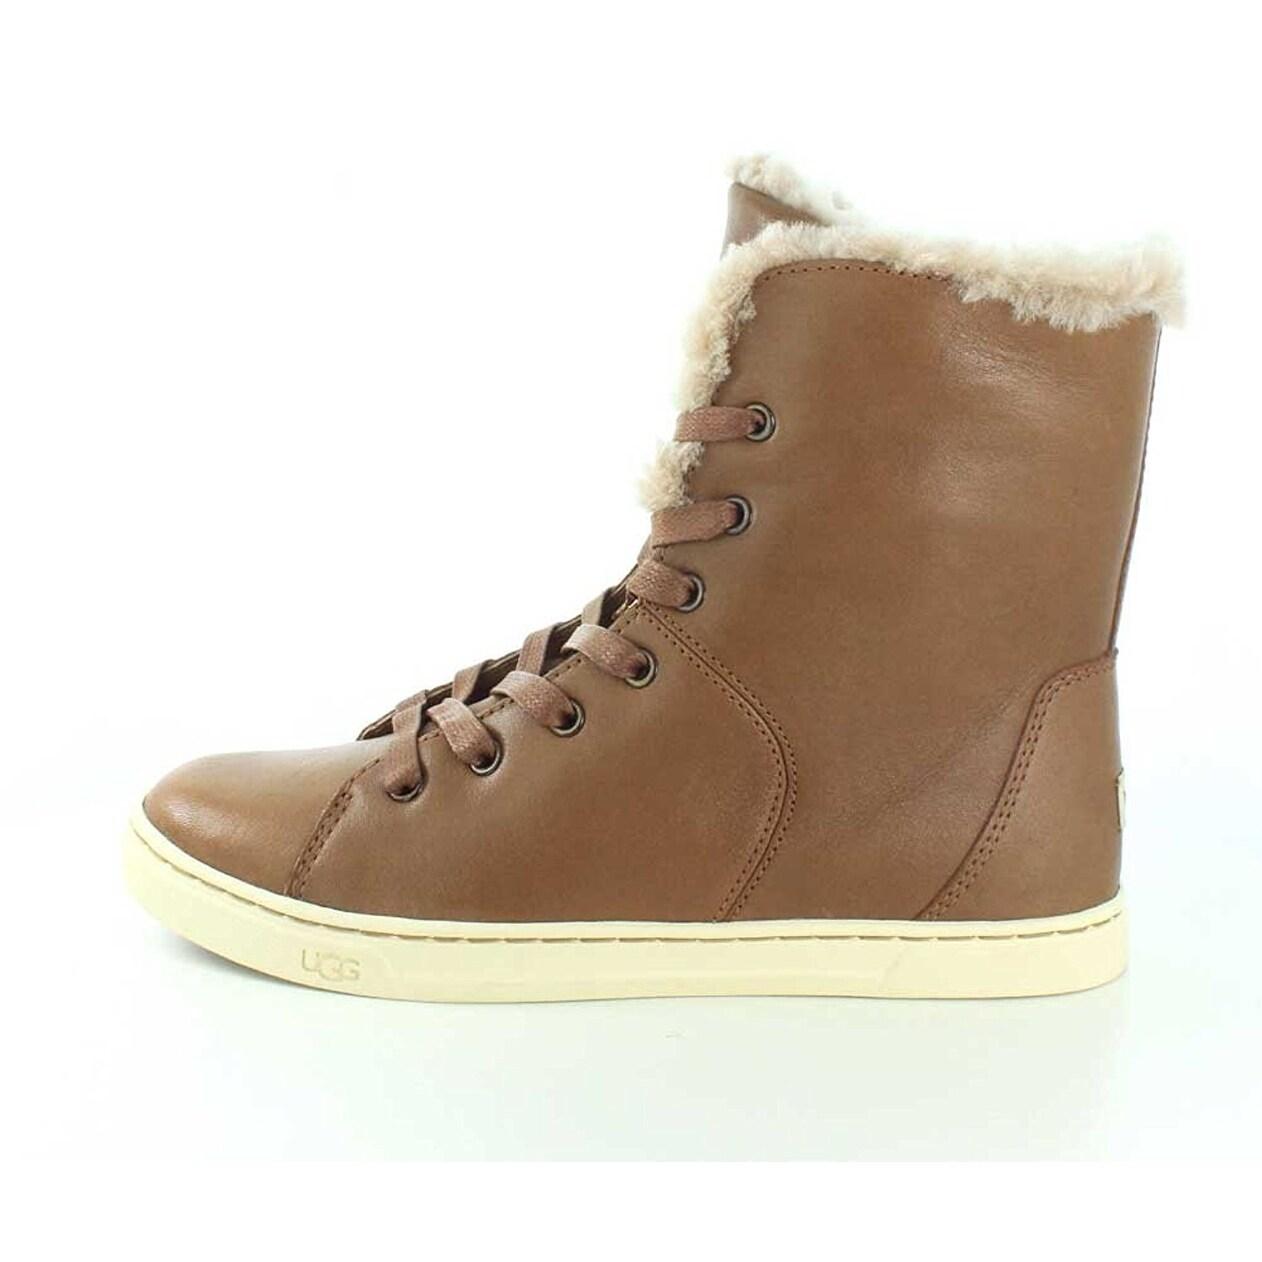 3752dcdda20 UGG Womens Croft Luxe Quilt Boot